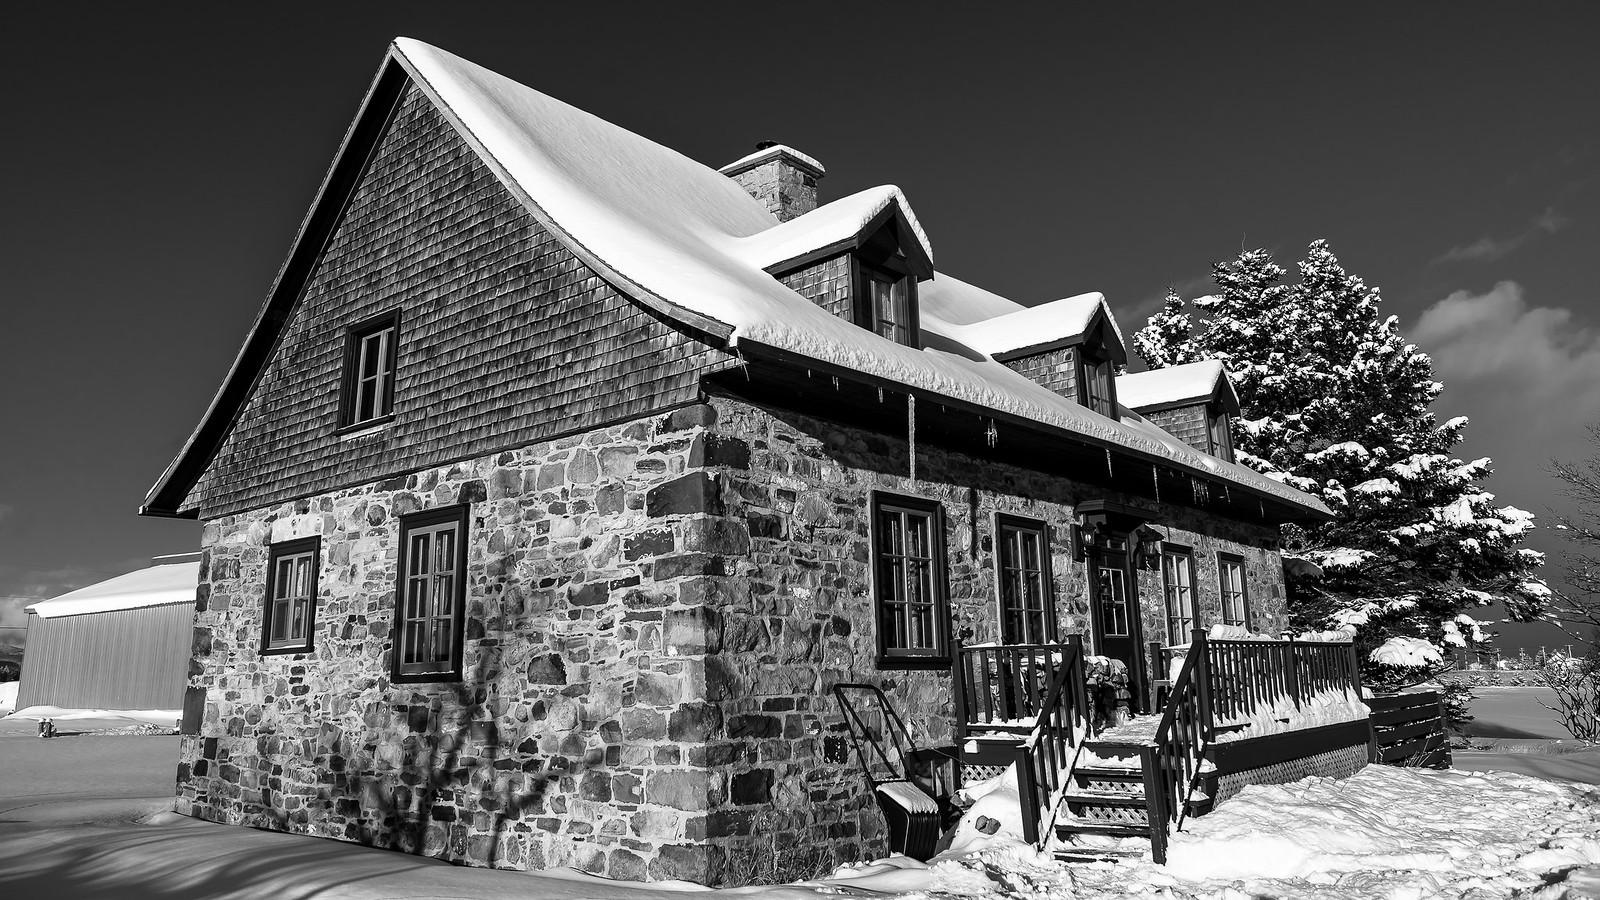 L'hiver en noir et blanc... 46178034672_27755ae968_h